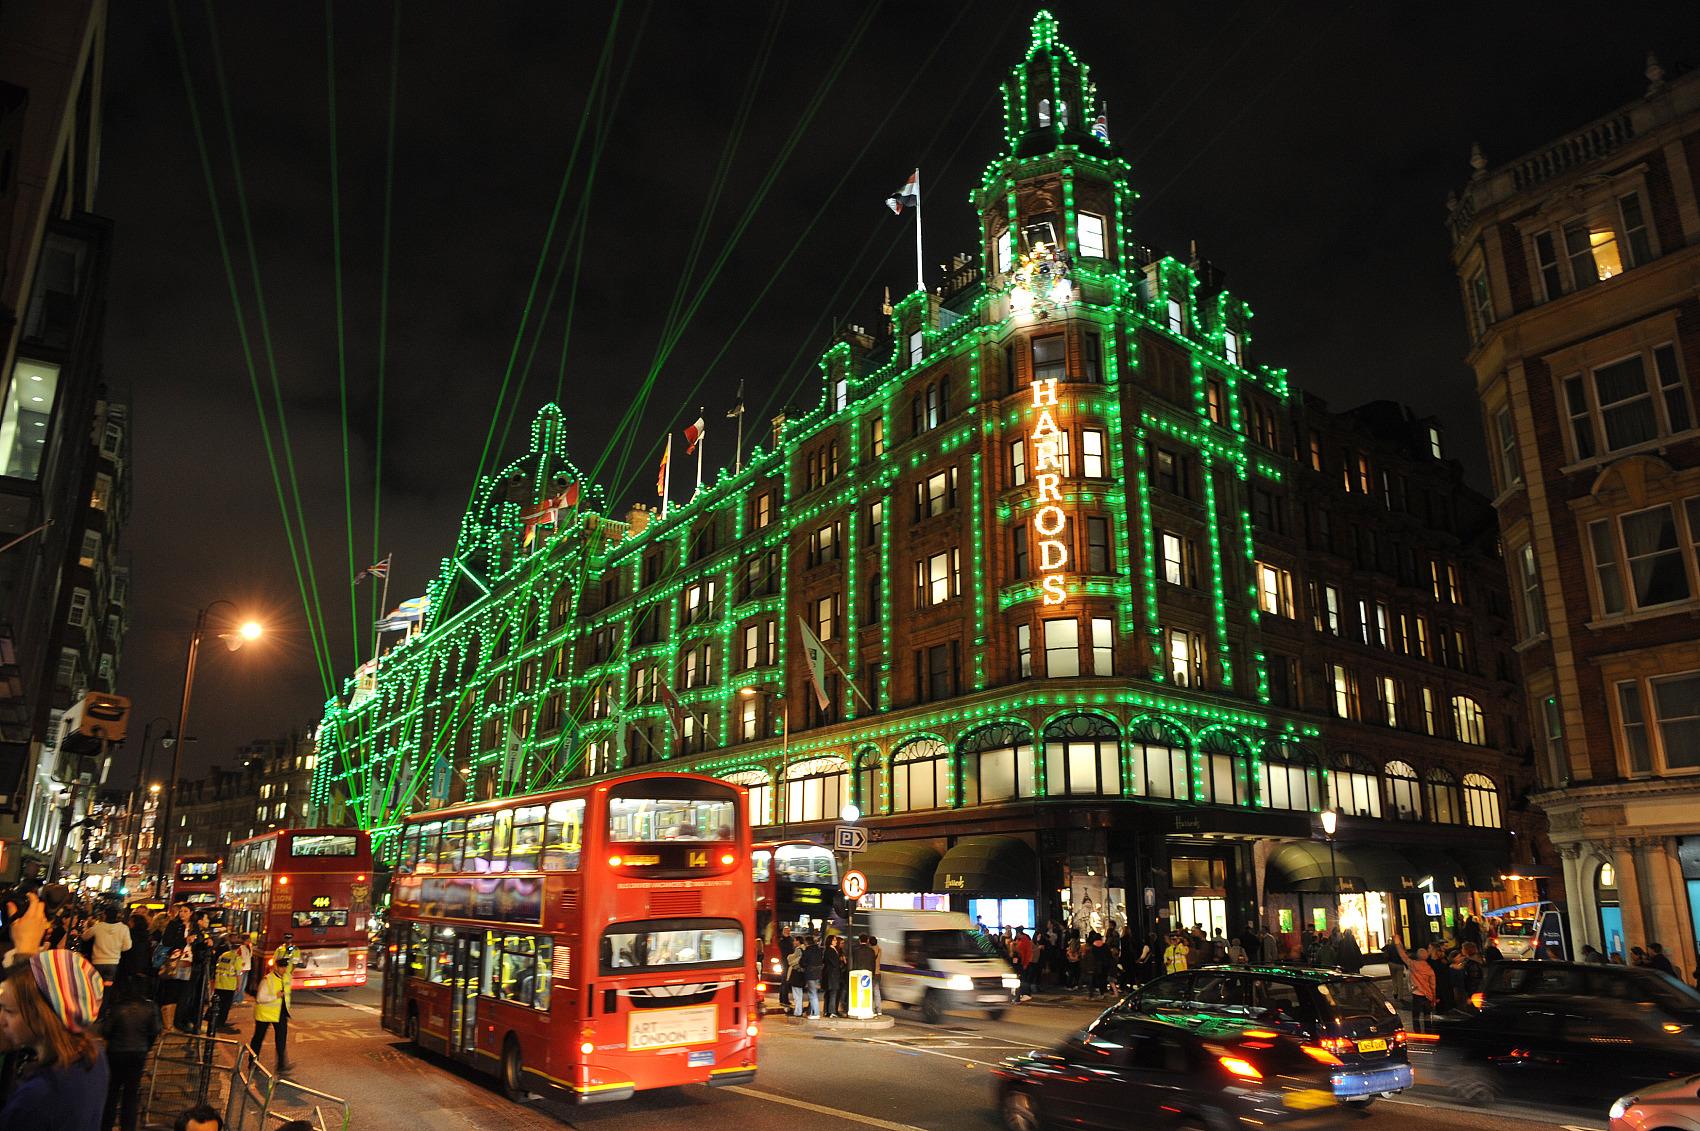 投入6千多万英镑翻新旗舰店,英国奢侈品百货公司 Harrods 上财年利润微跌